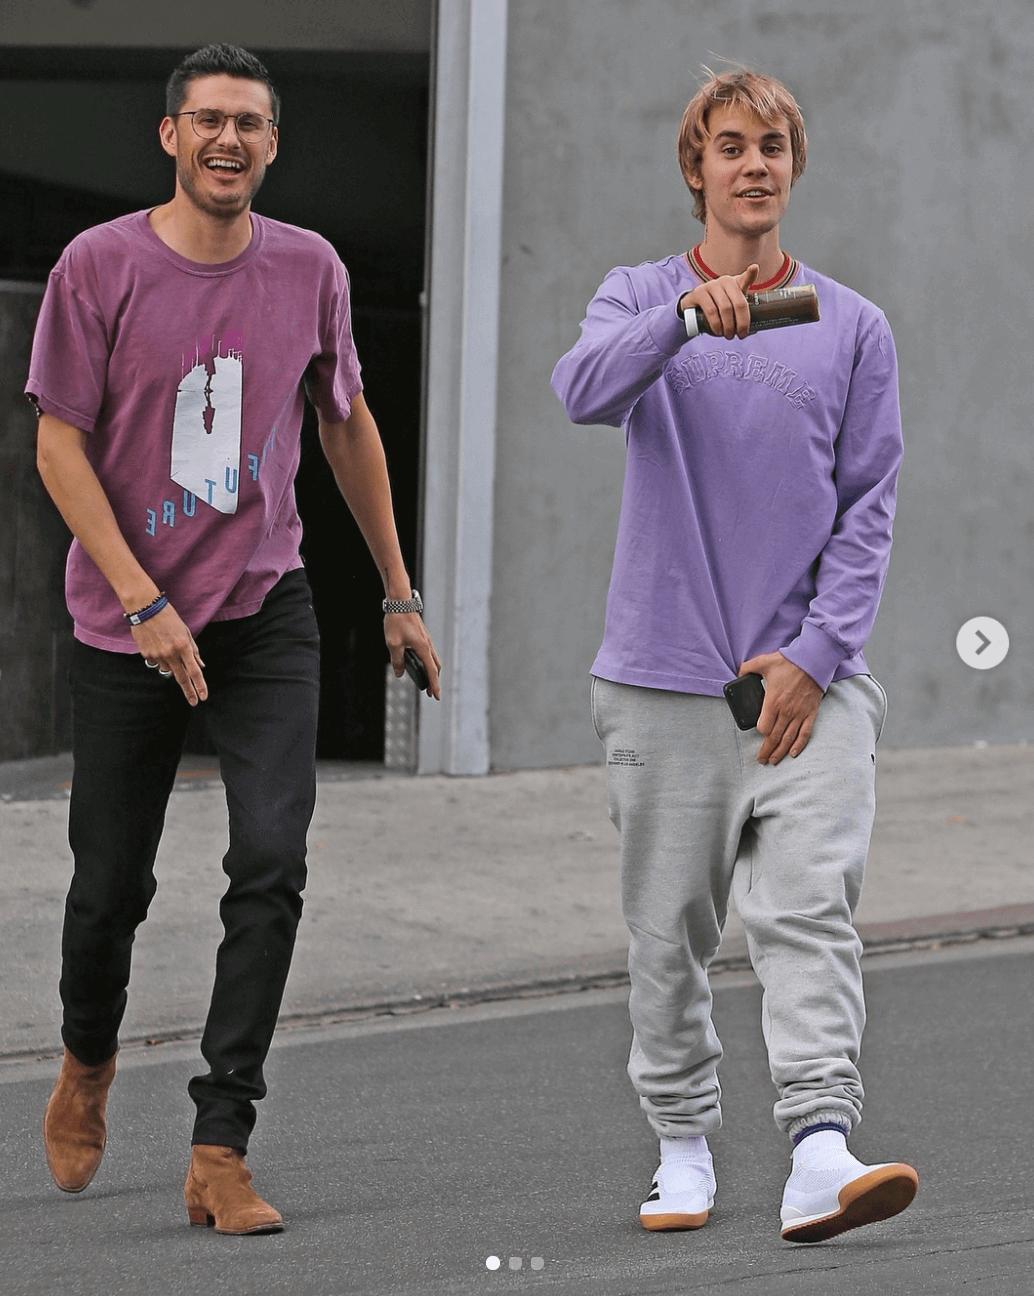 Justin Bieber in the GOSHA RUBCHINSKIY x adidas Ace 16+